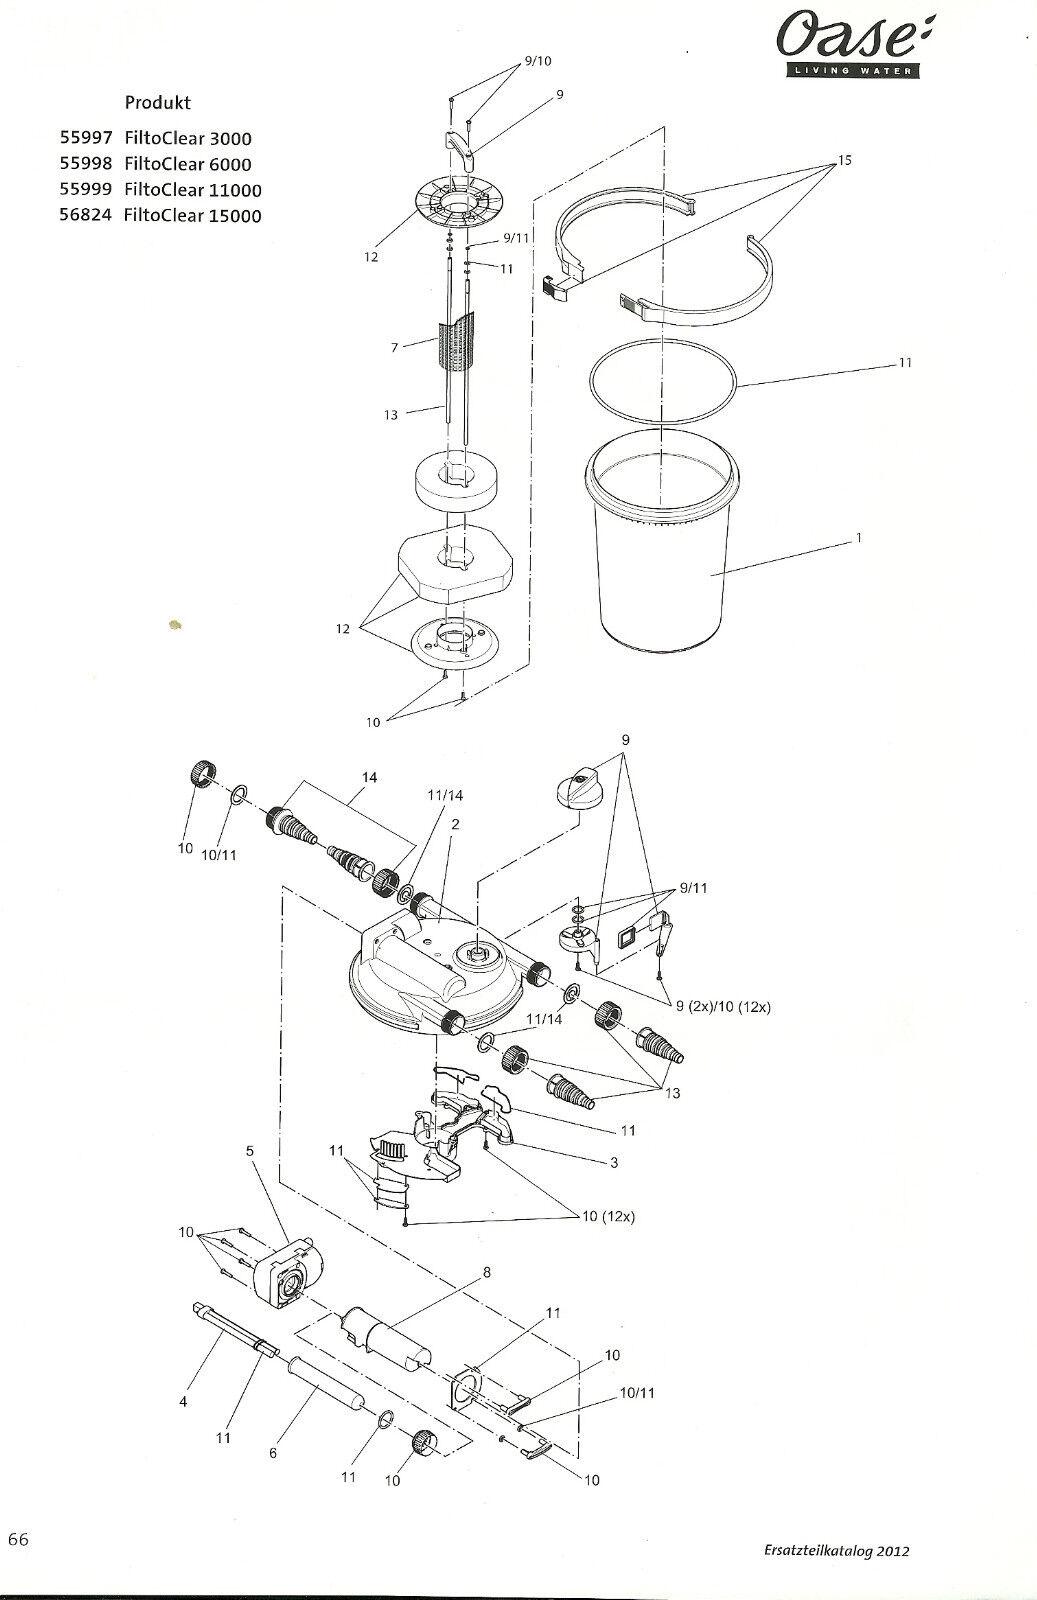 Repuesto oasis recipiente para filtoclear 11000 pieza de recambio original 24462